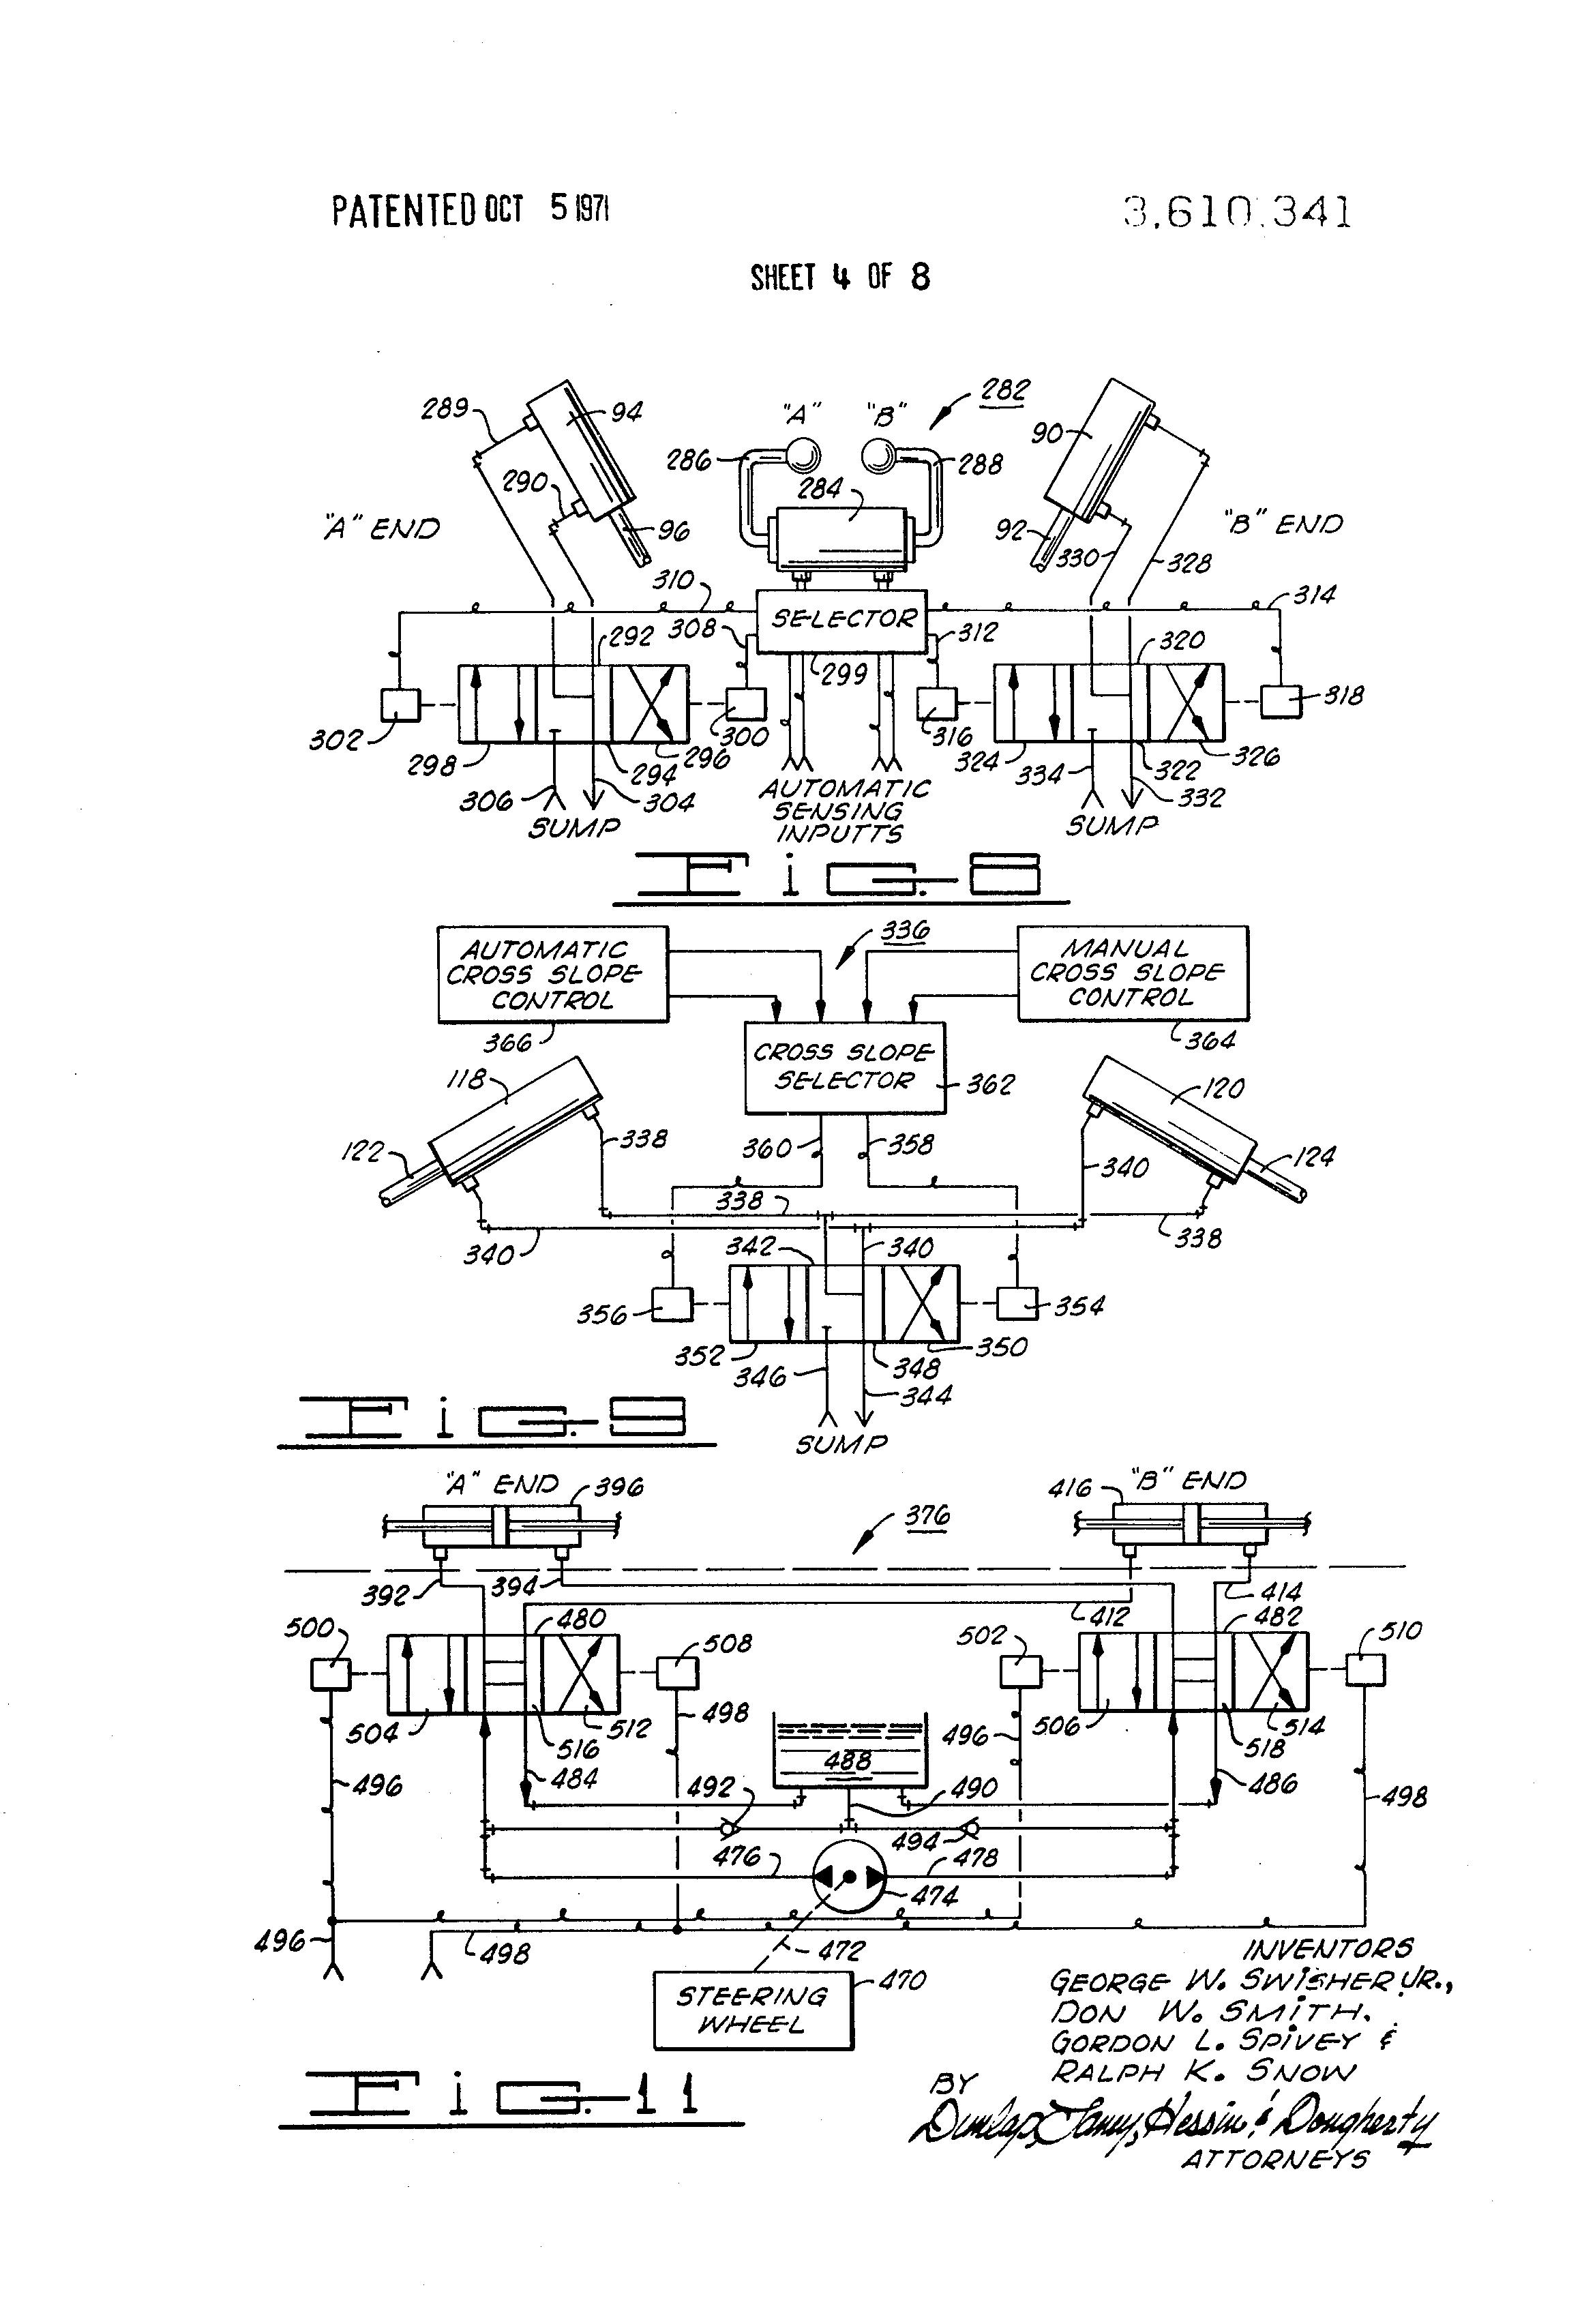 Vc Farmall 300 Hydraulics Diagram Free Diagram